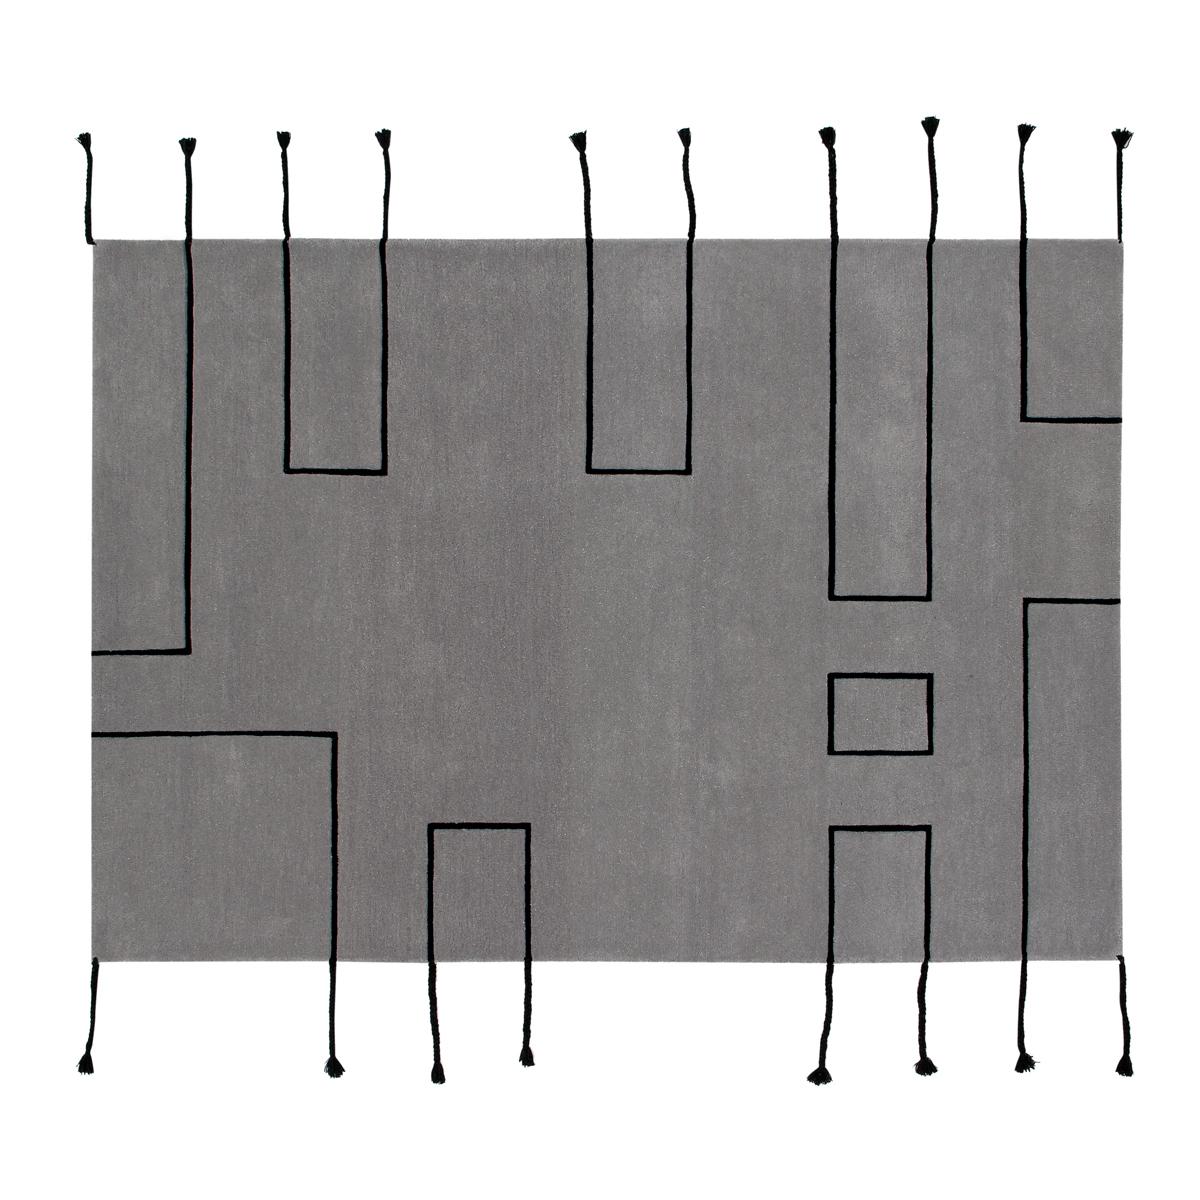 Tapis Tapis Lavable Nordic Line Gris - 170 x 240 cm Tapis Lavable Nordic Line Gris - 170 x 240 cm